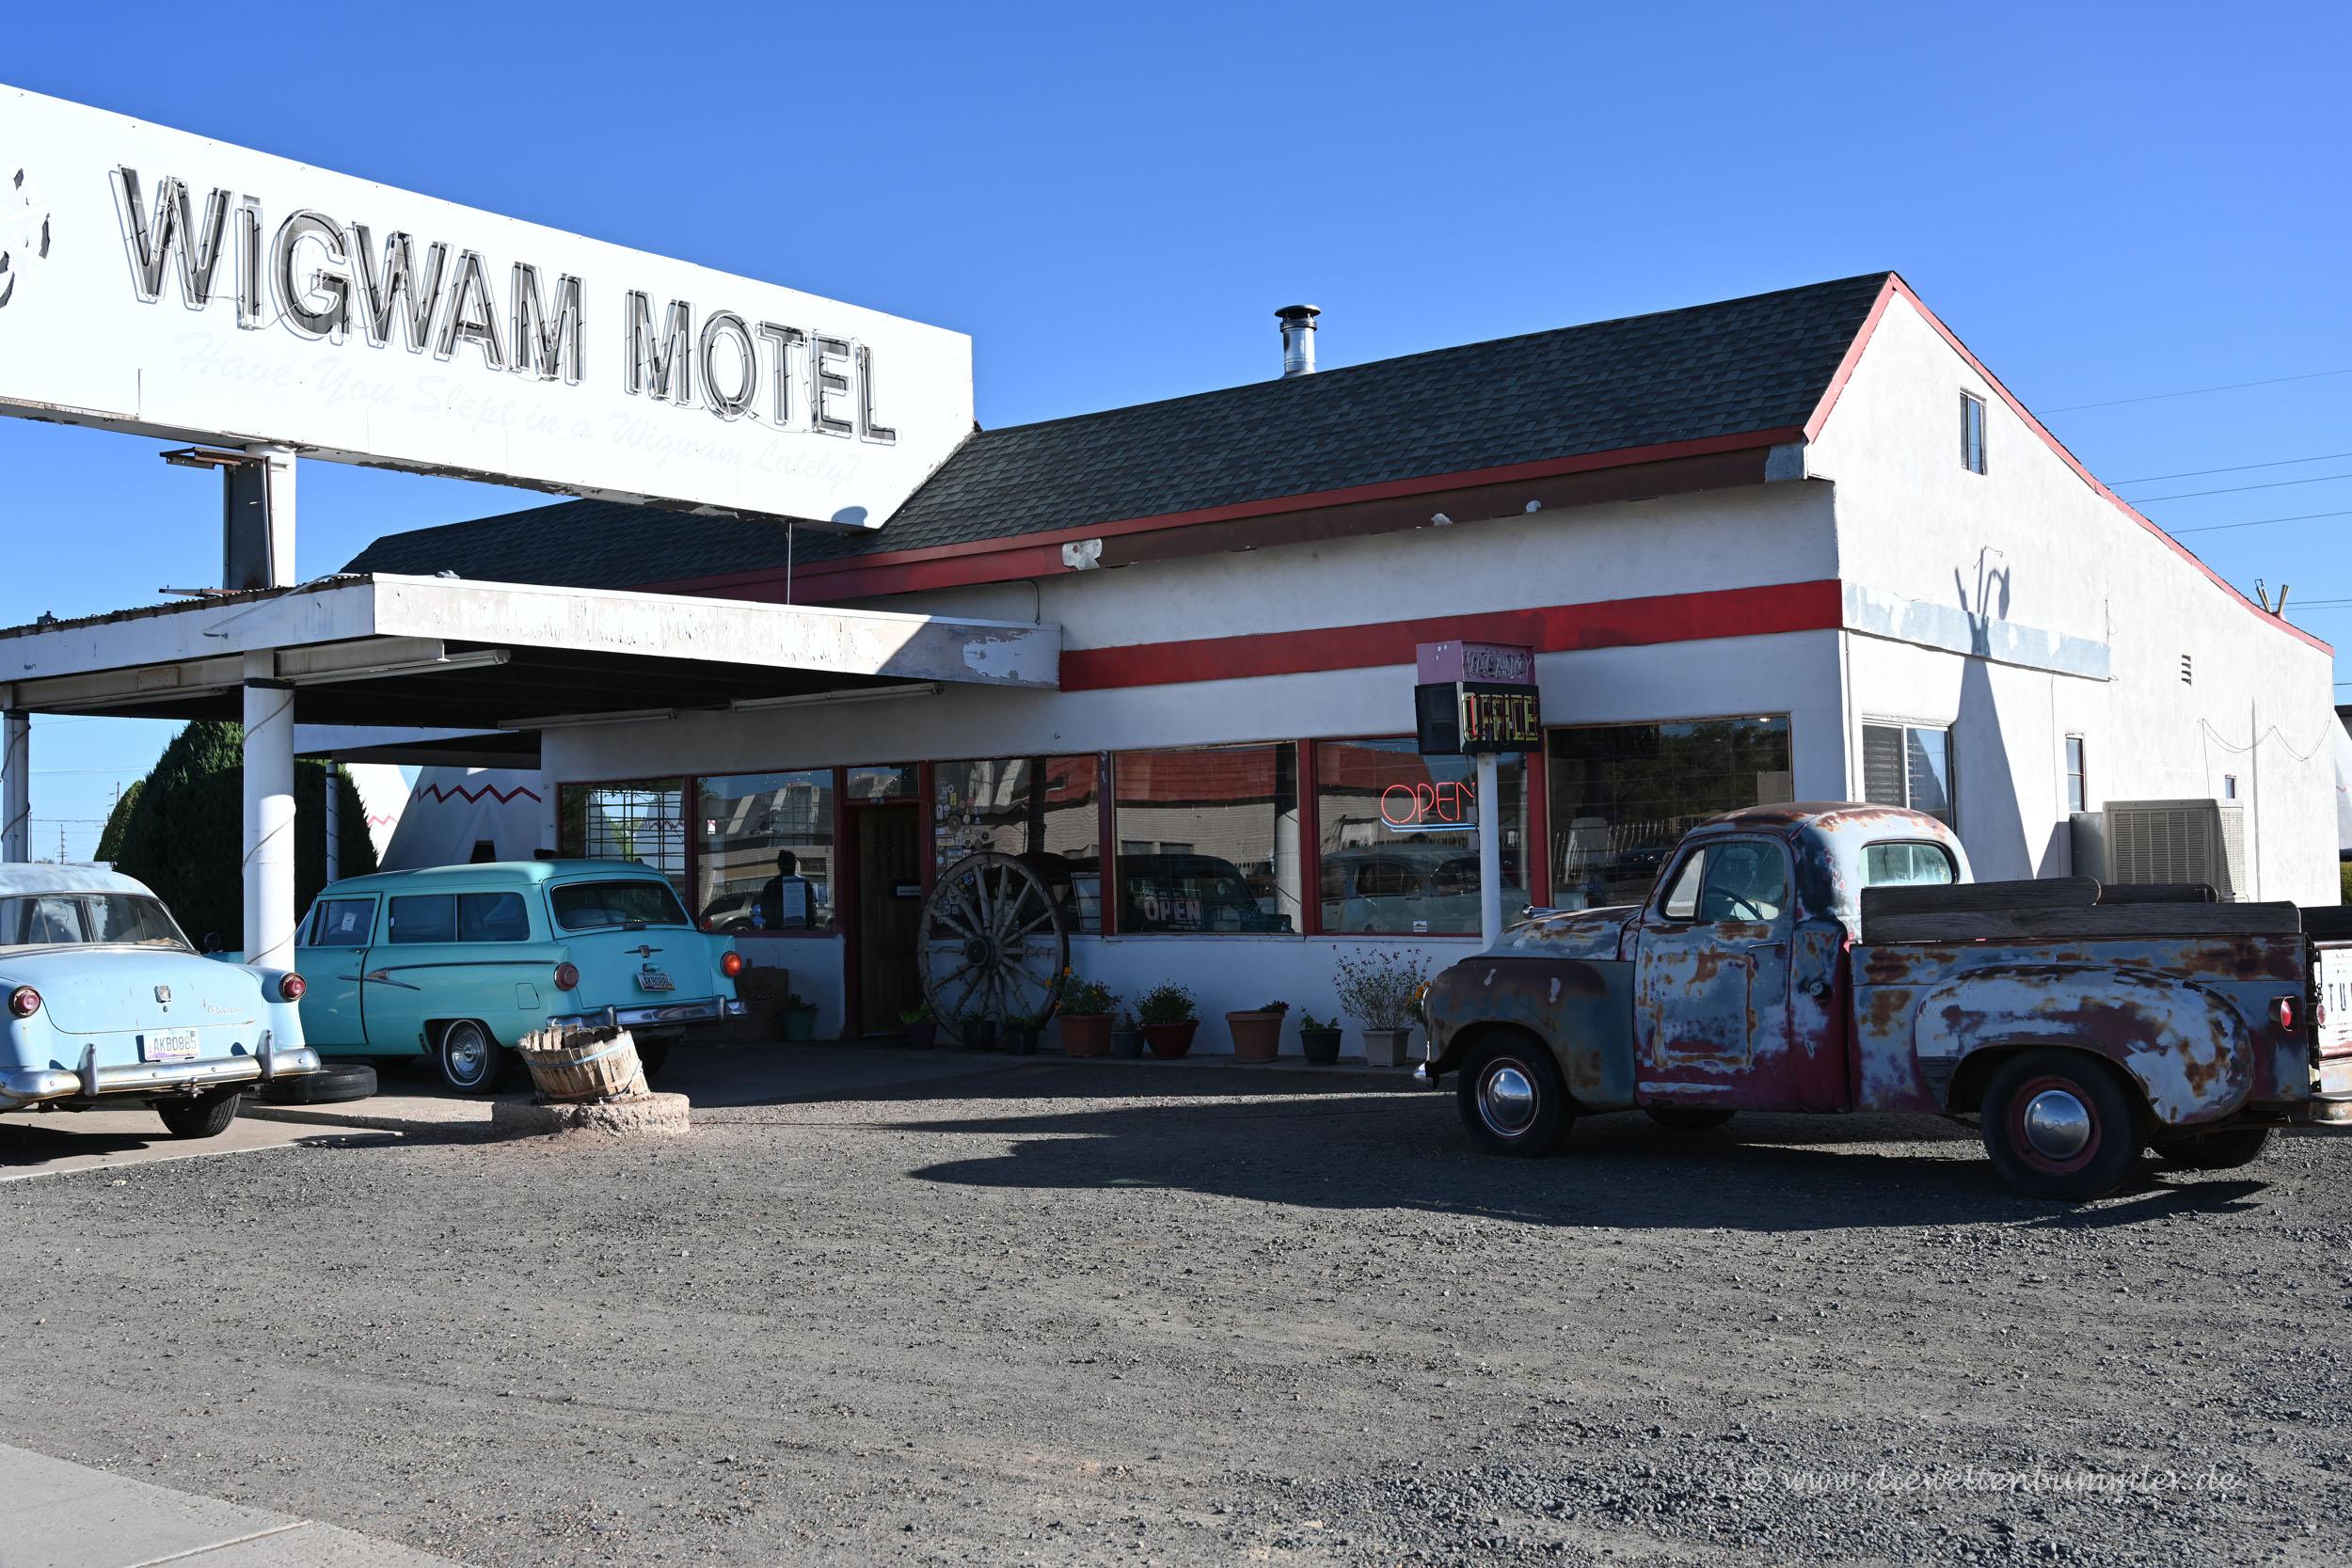 Wigwam Motel in Arizona